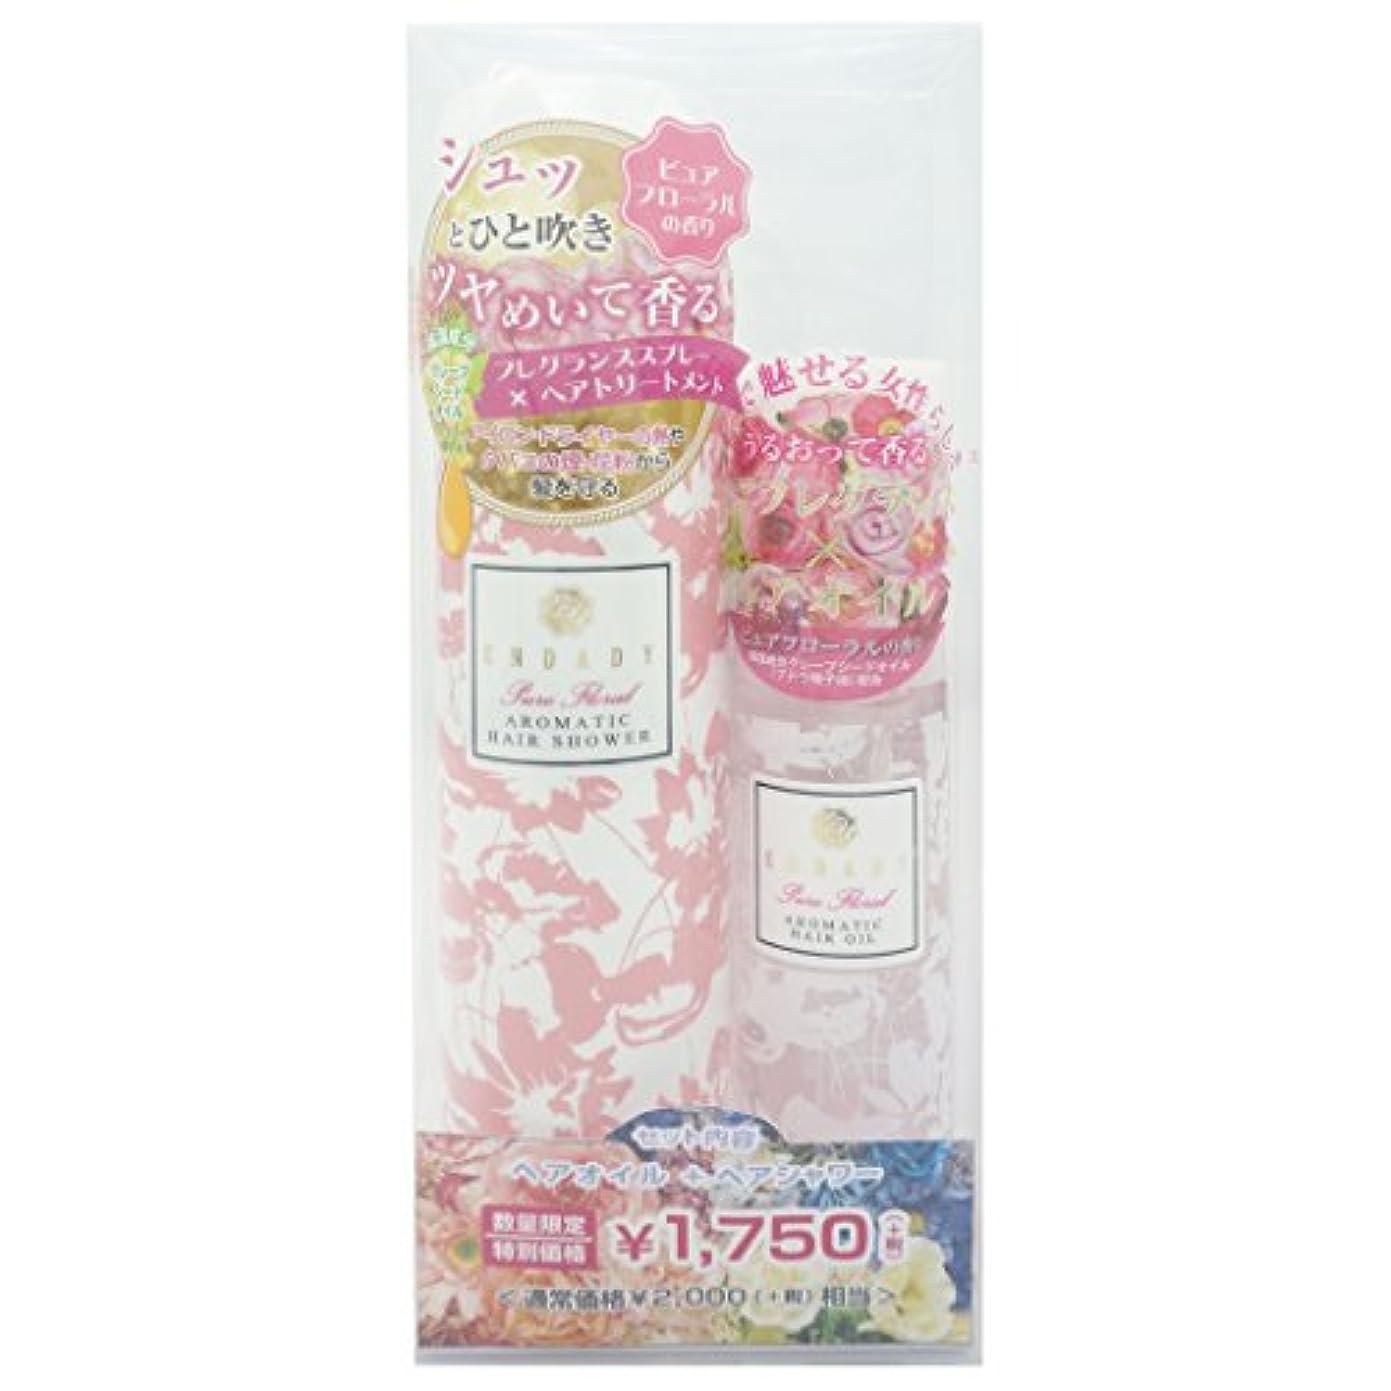 石鹸動く実施するエンダディ アロマティック ヘアオイル & シャワー 〈ピュアフローラルの香り〉 (50mL + 90g)